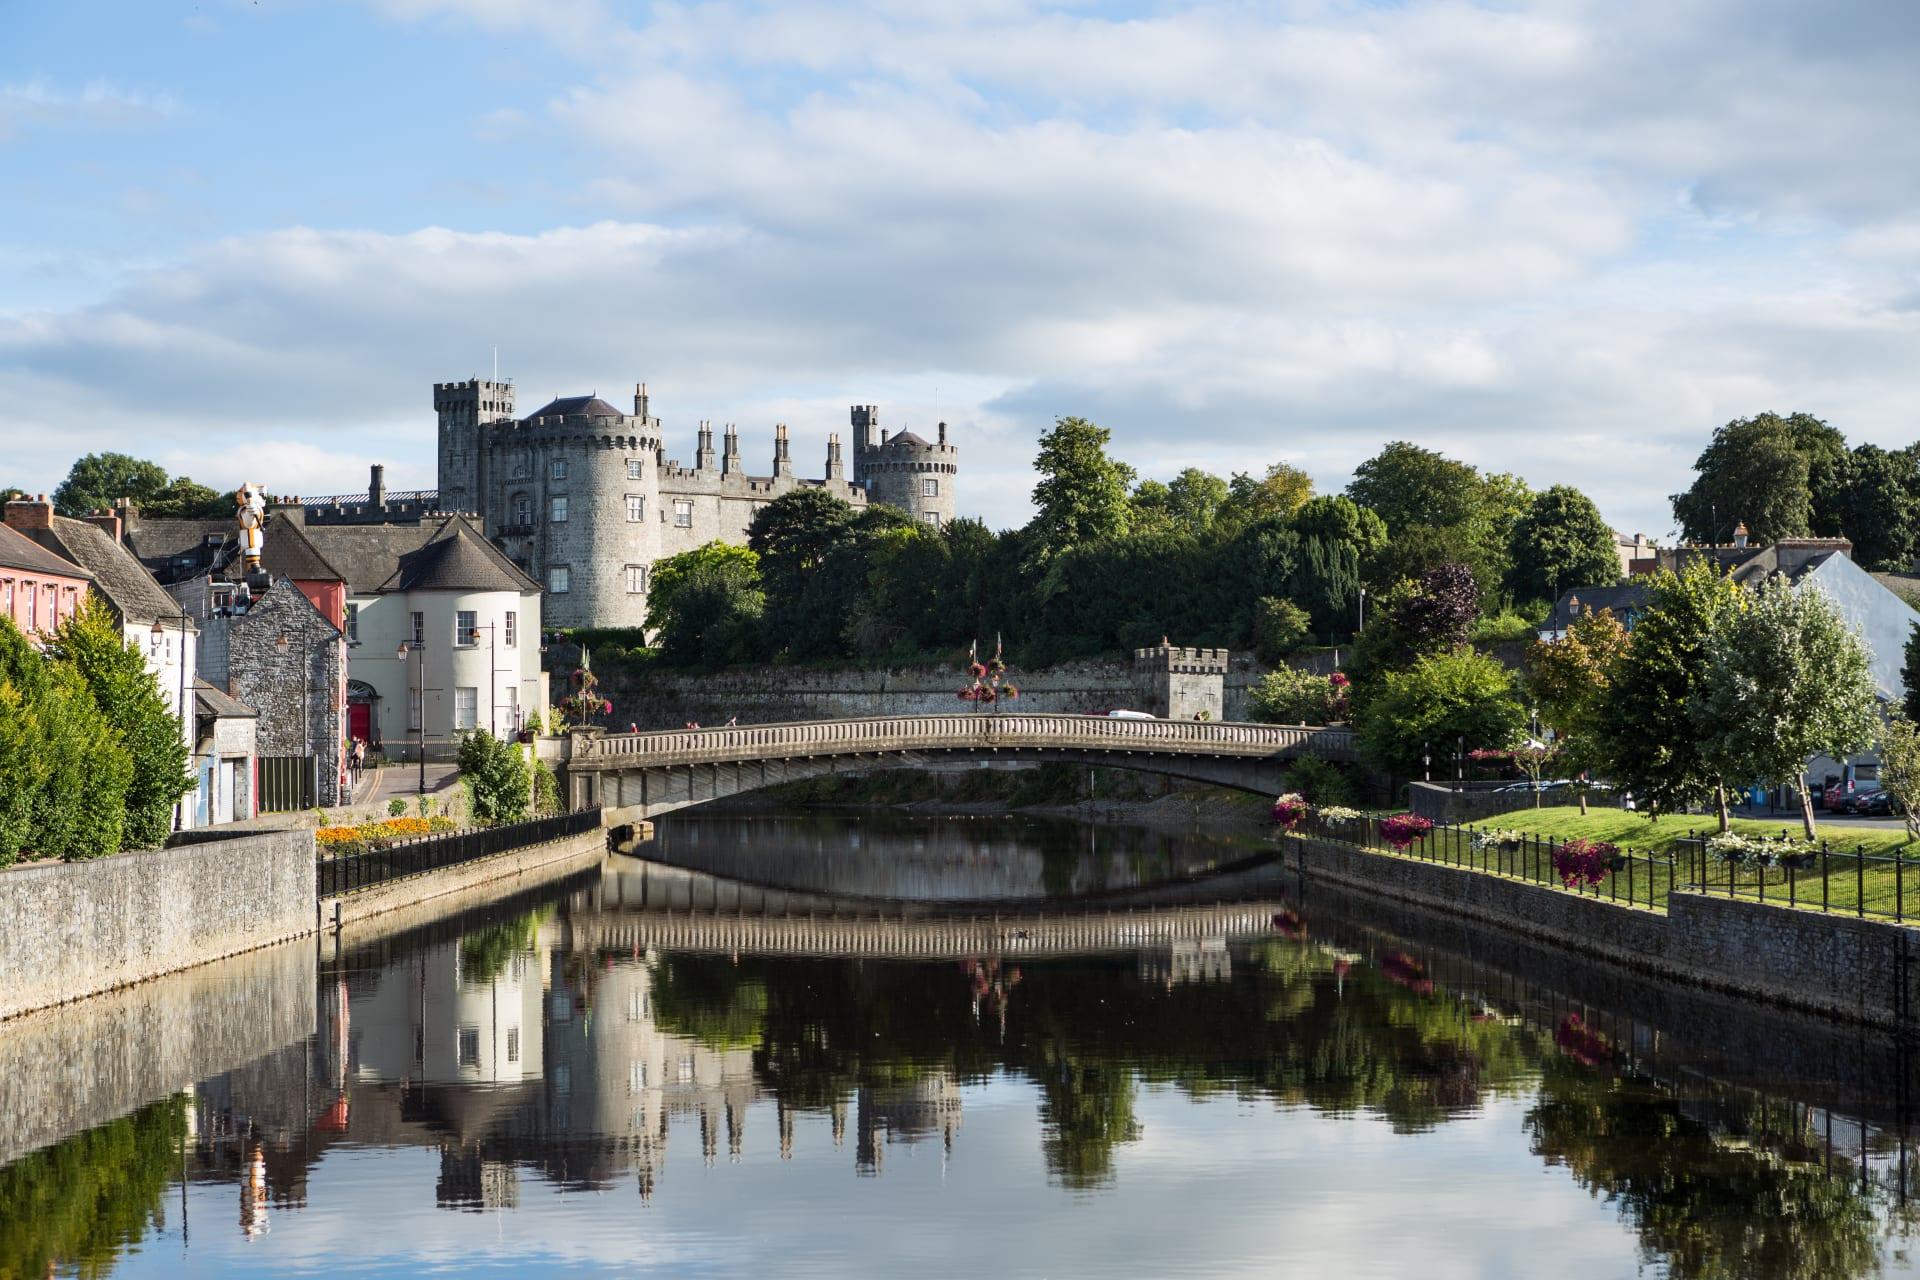 Kilkenny cover image